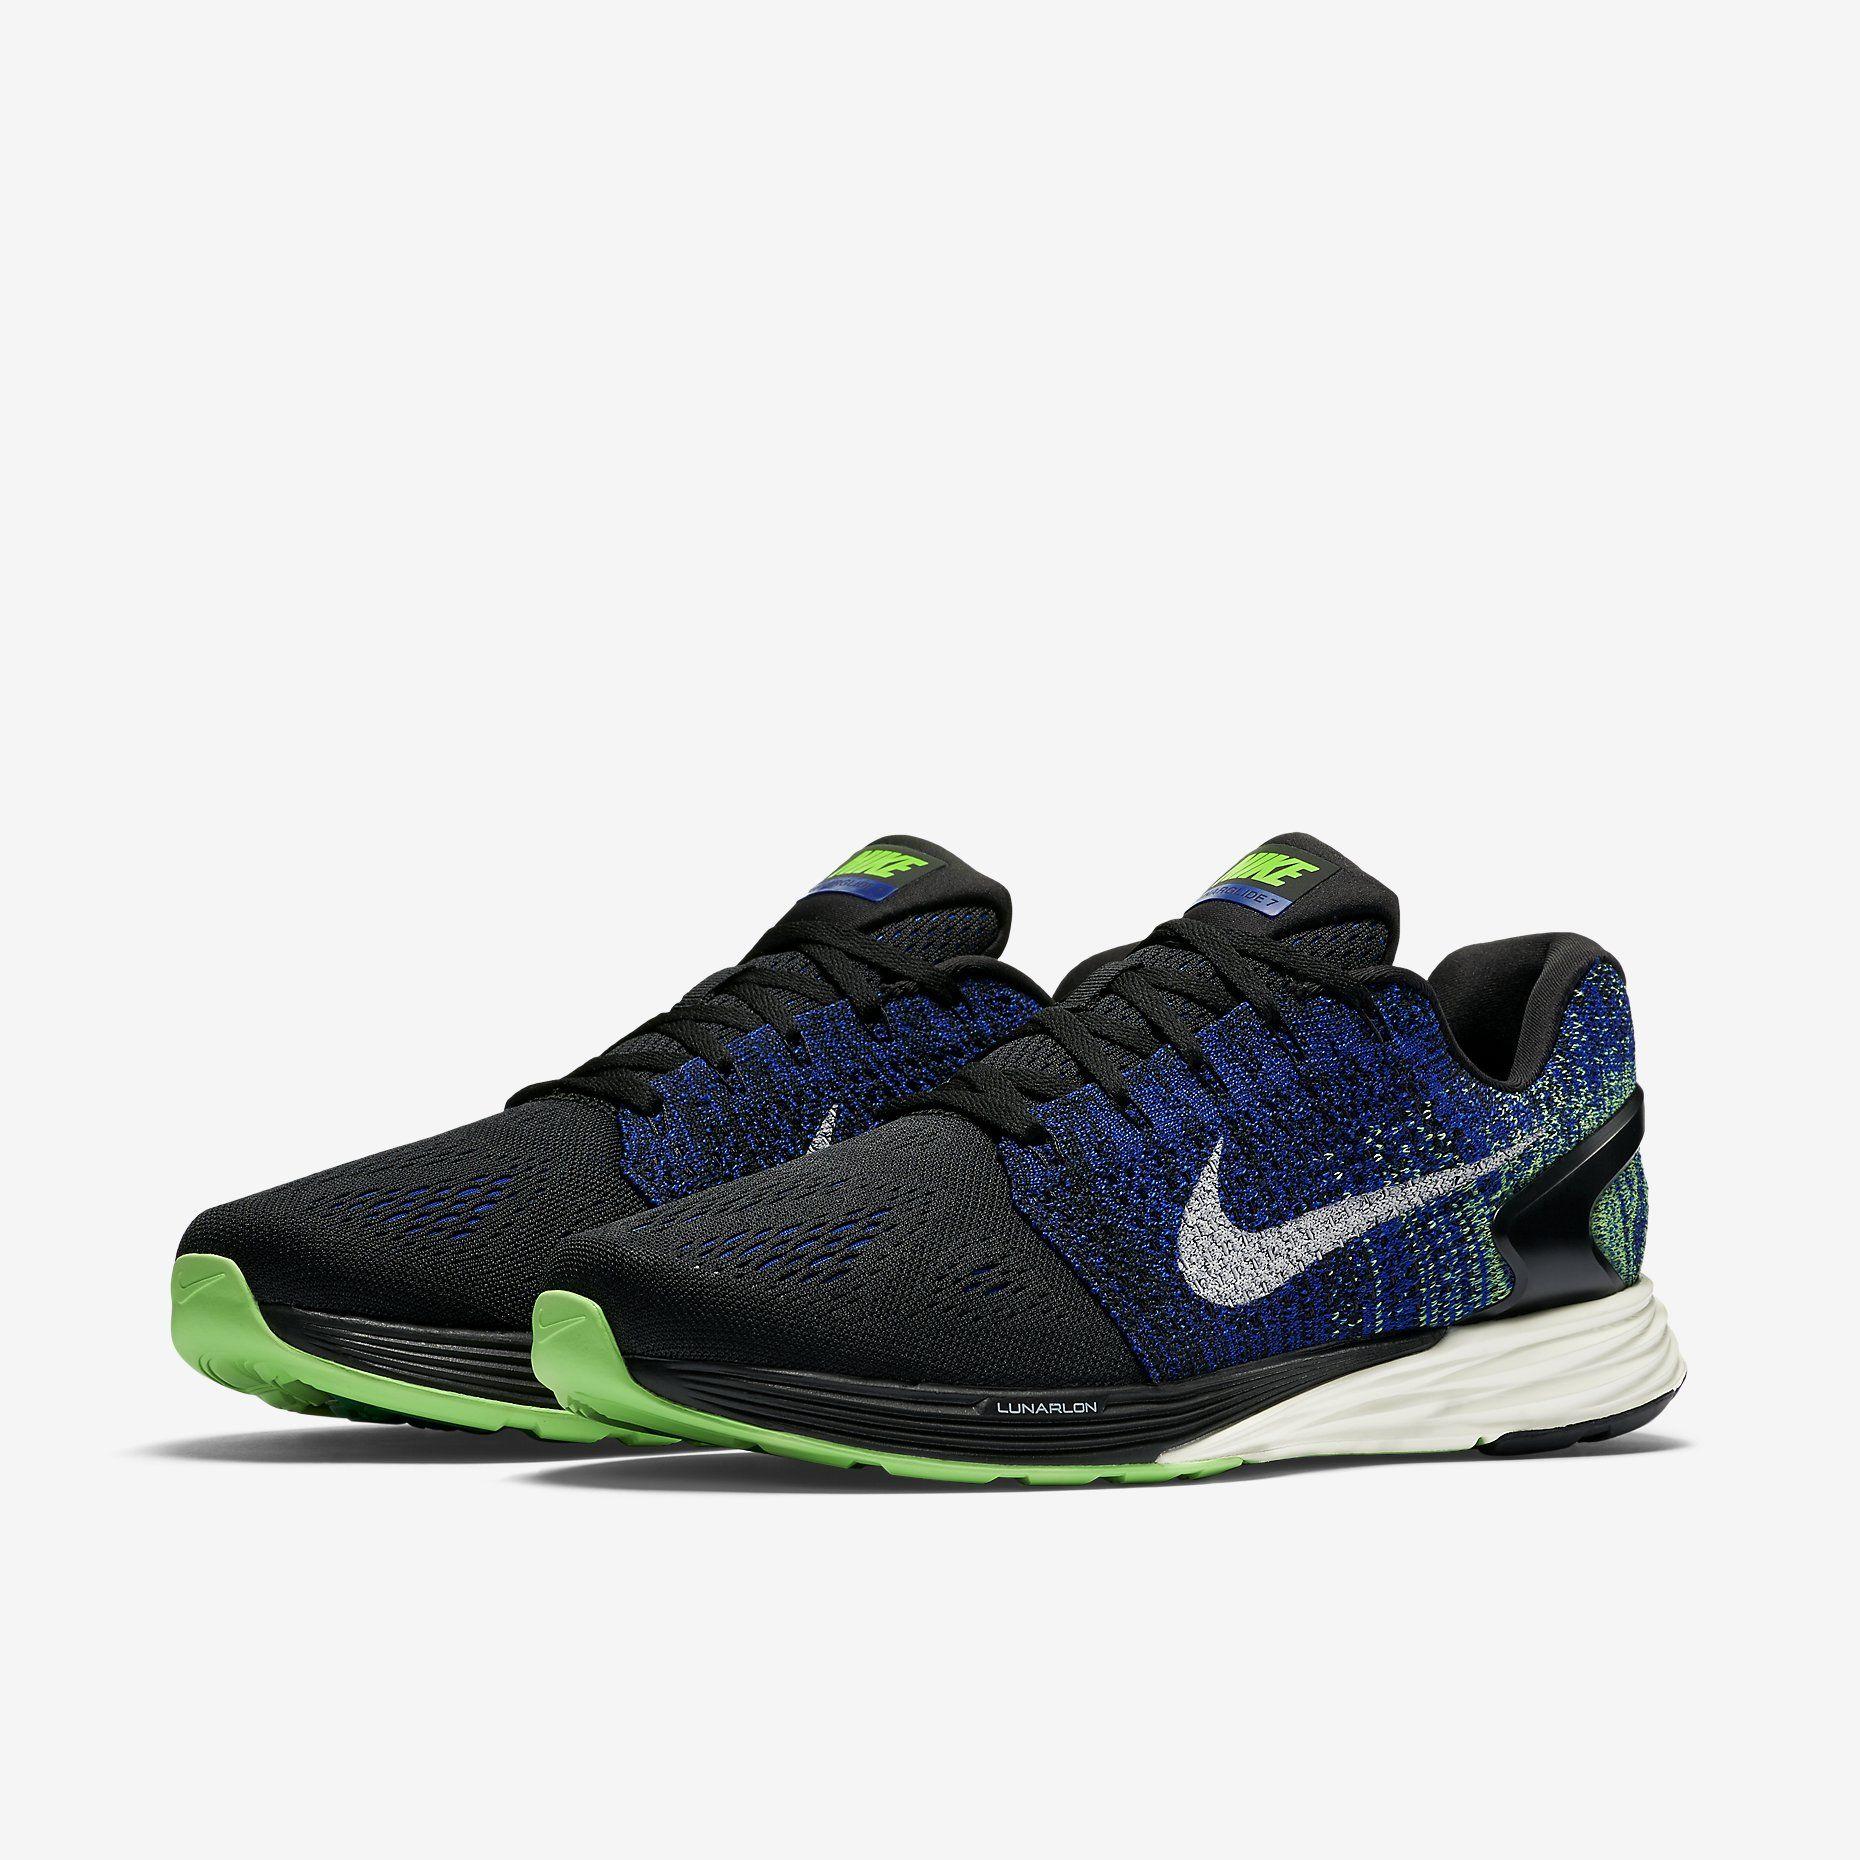 Nike LunarGlide 7 Mens Running Shoes Black/Racer Blue/Voltage Green/Sail 747355-005